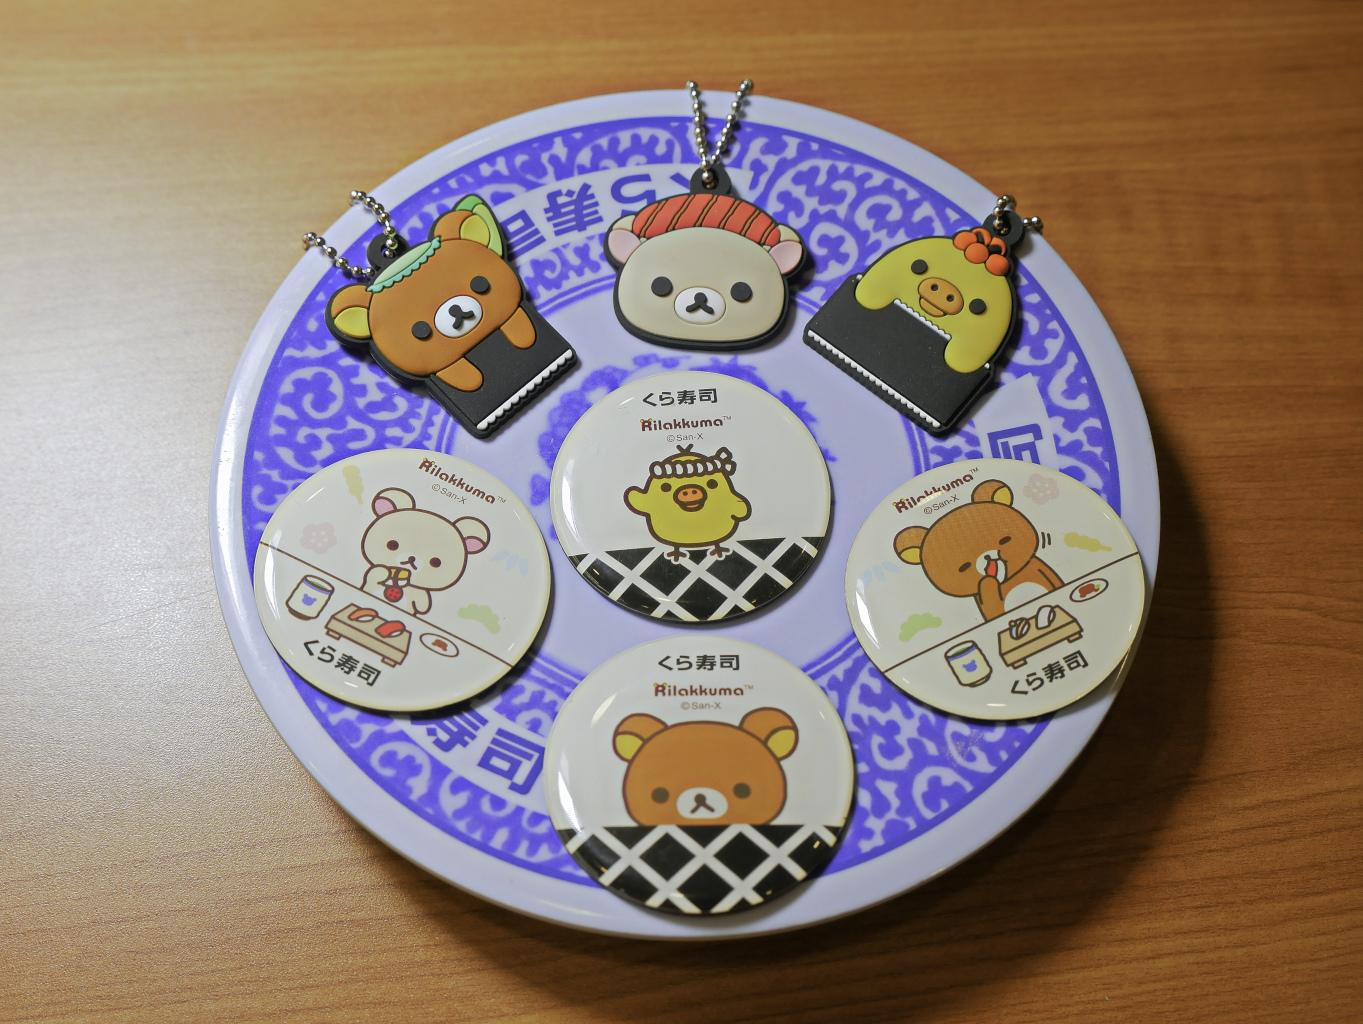 藏壽司,微風松高,拉拉熊-47.jpg